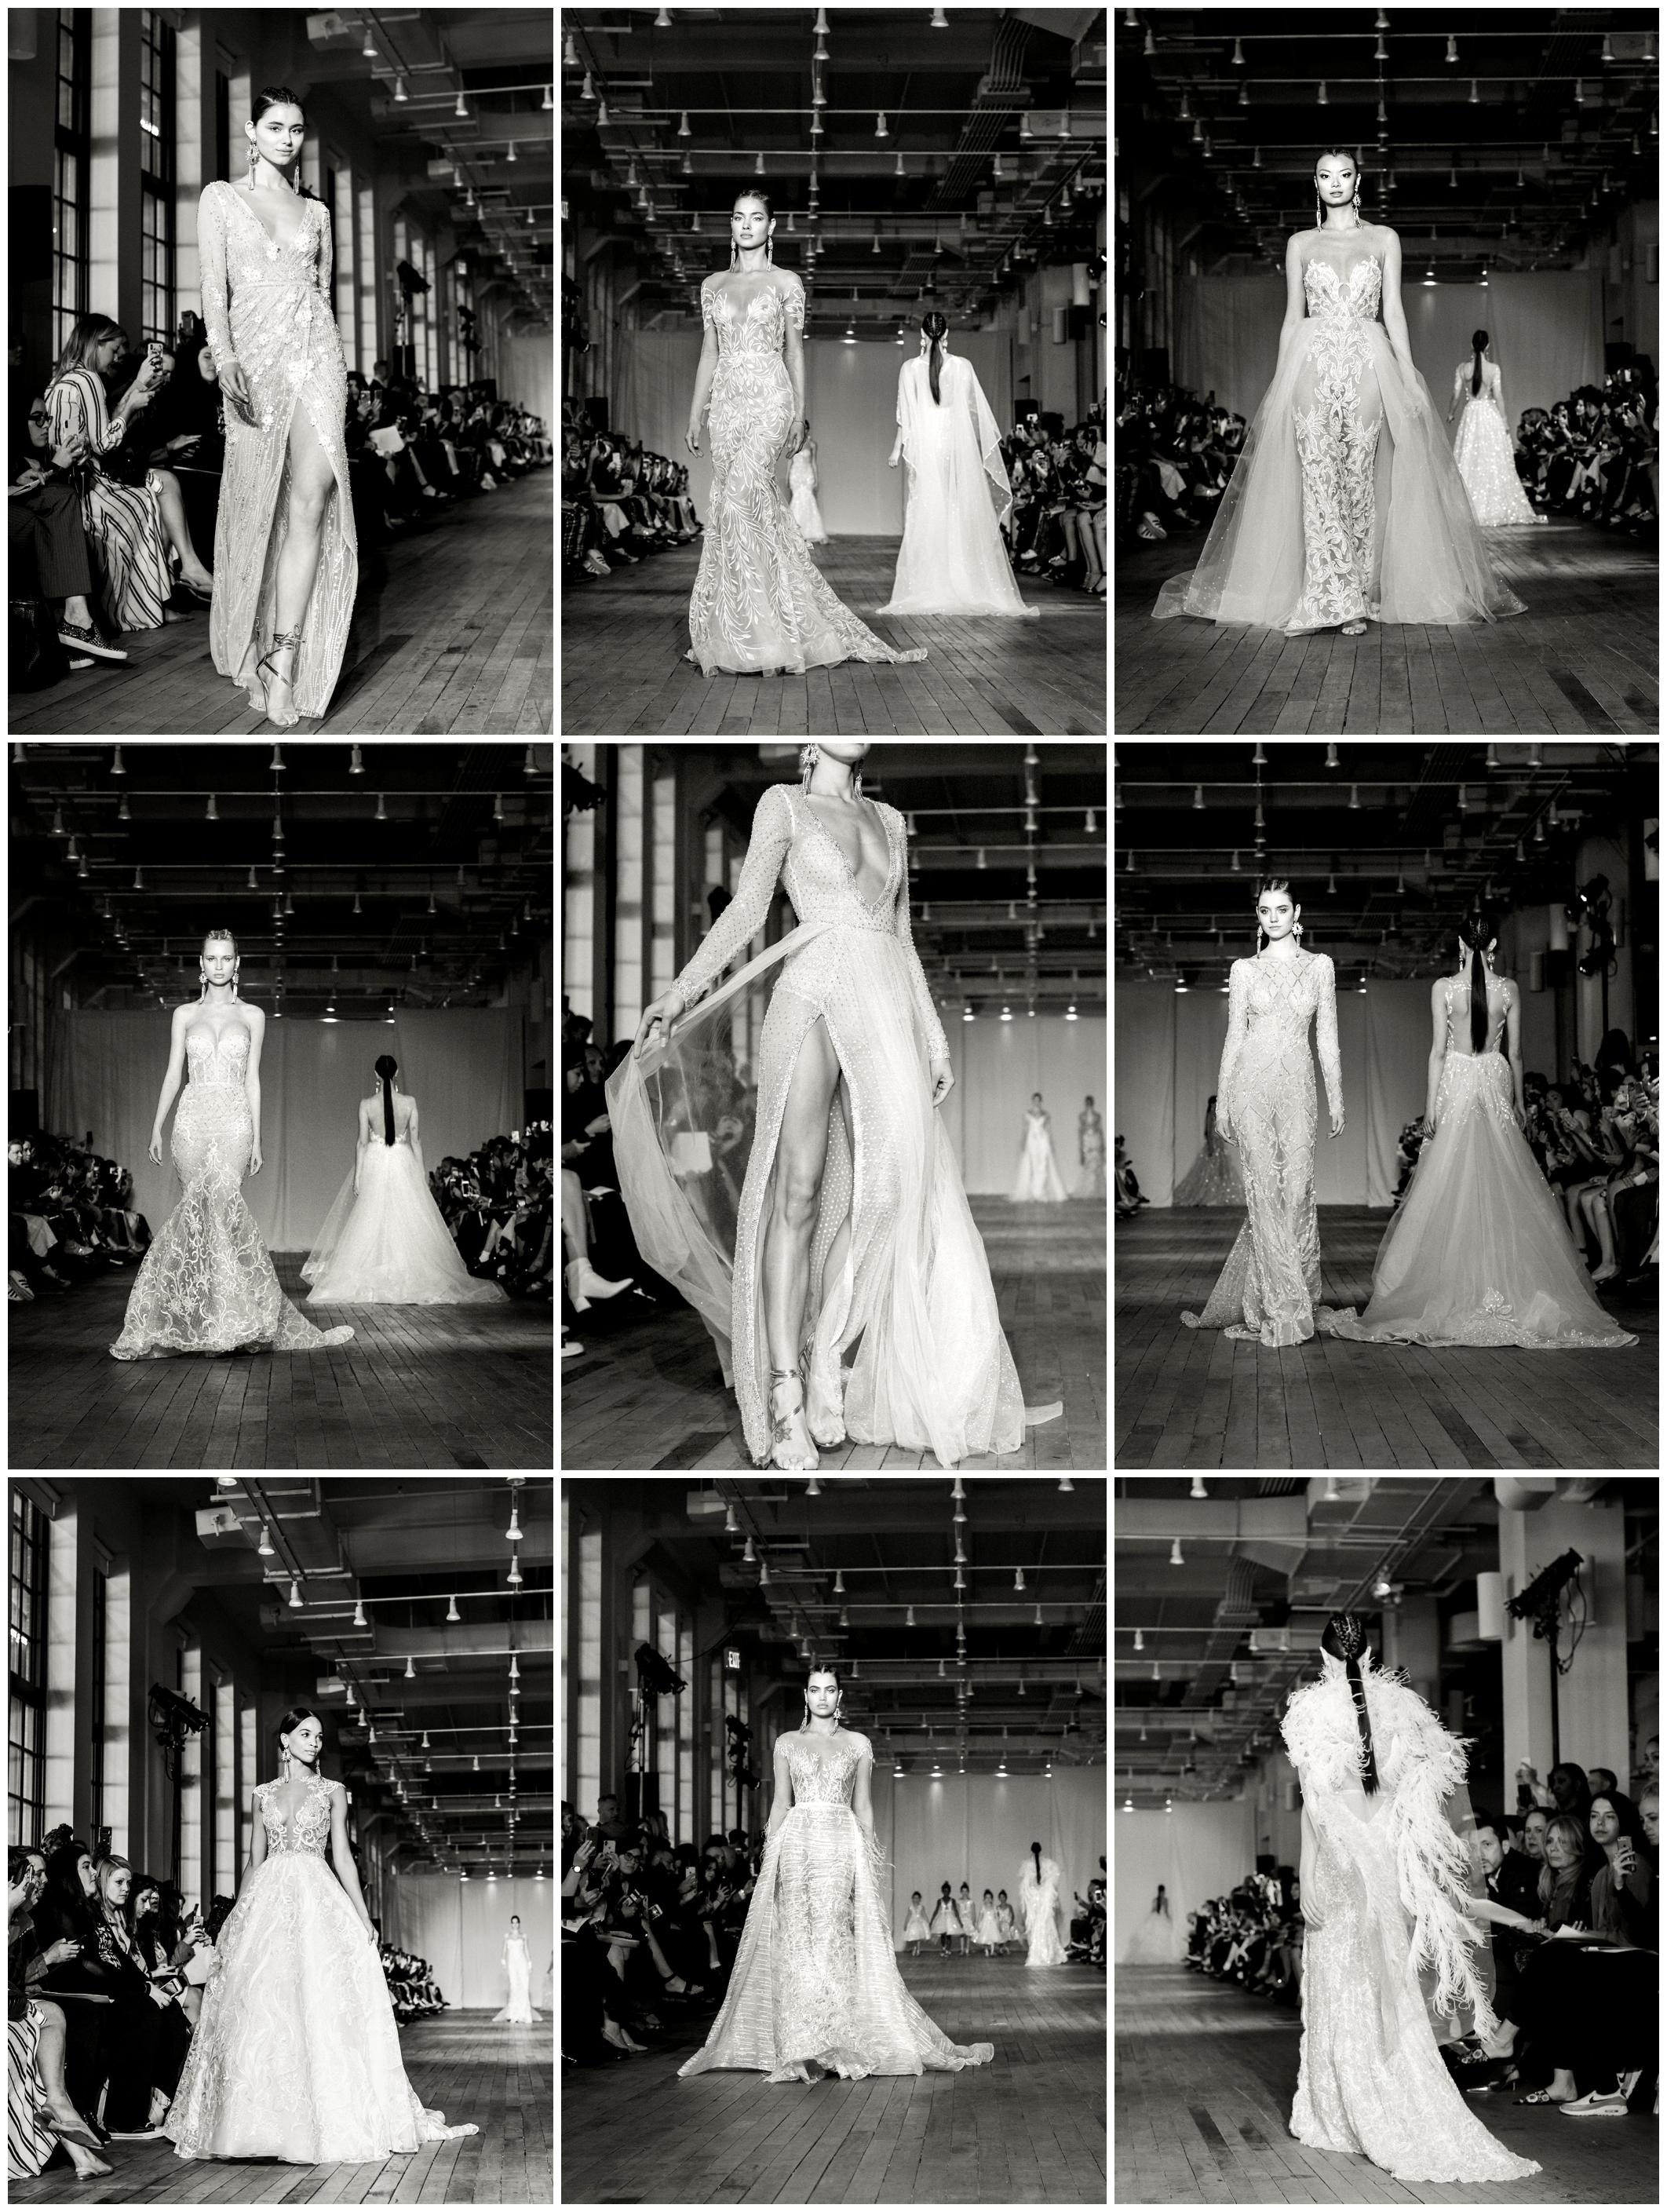 Berta fashion show